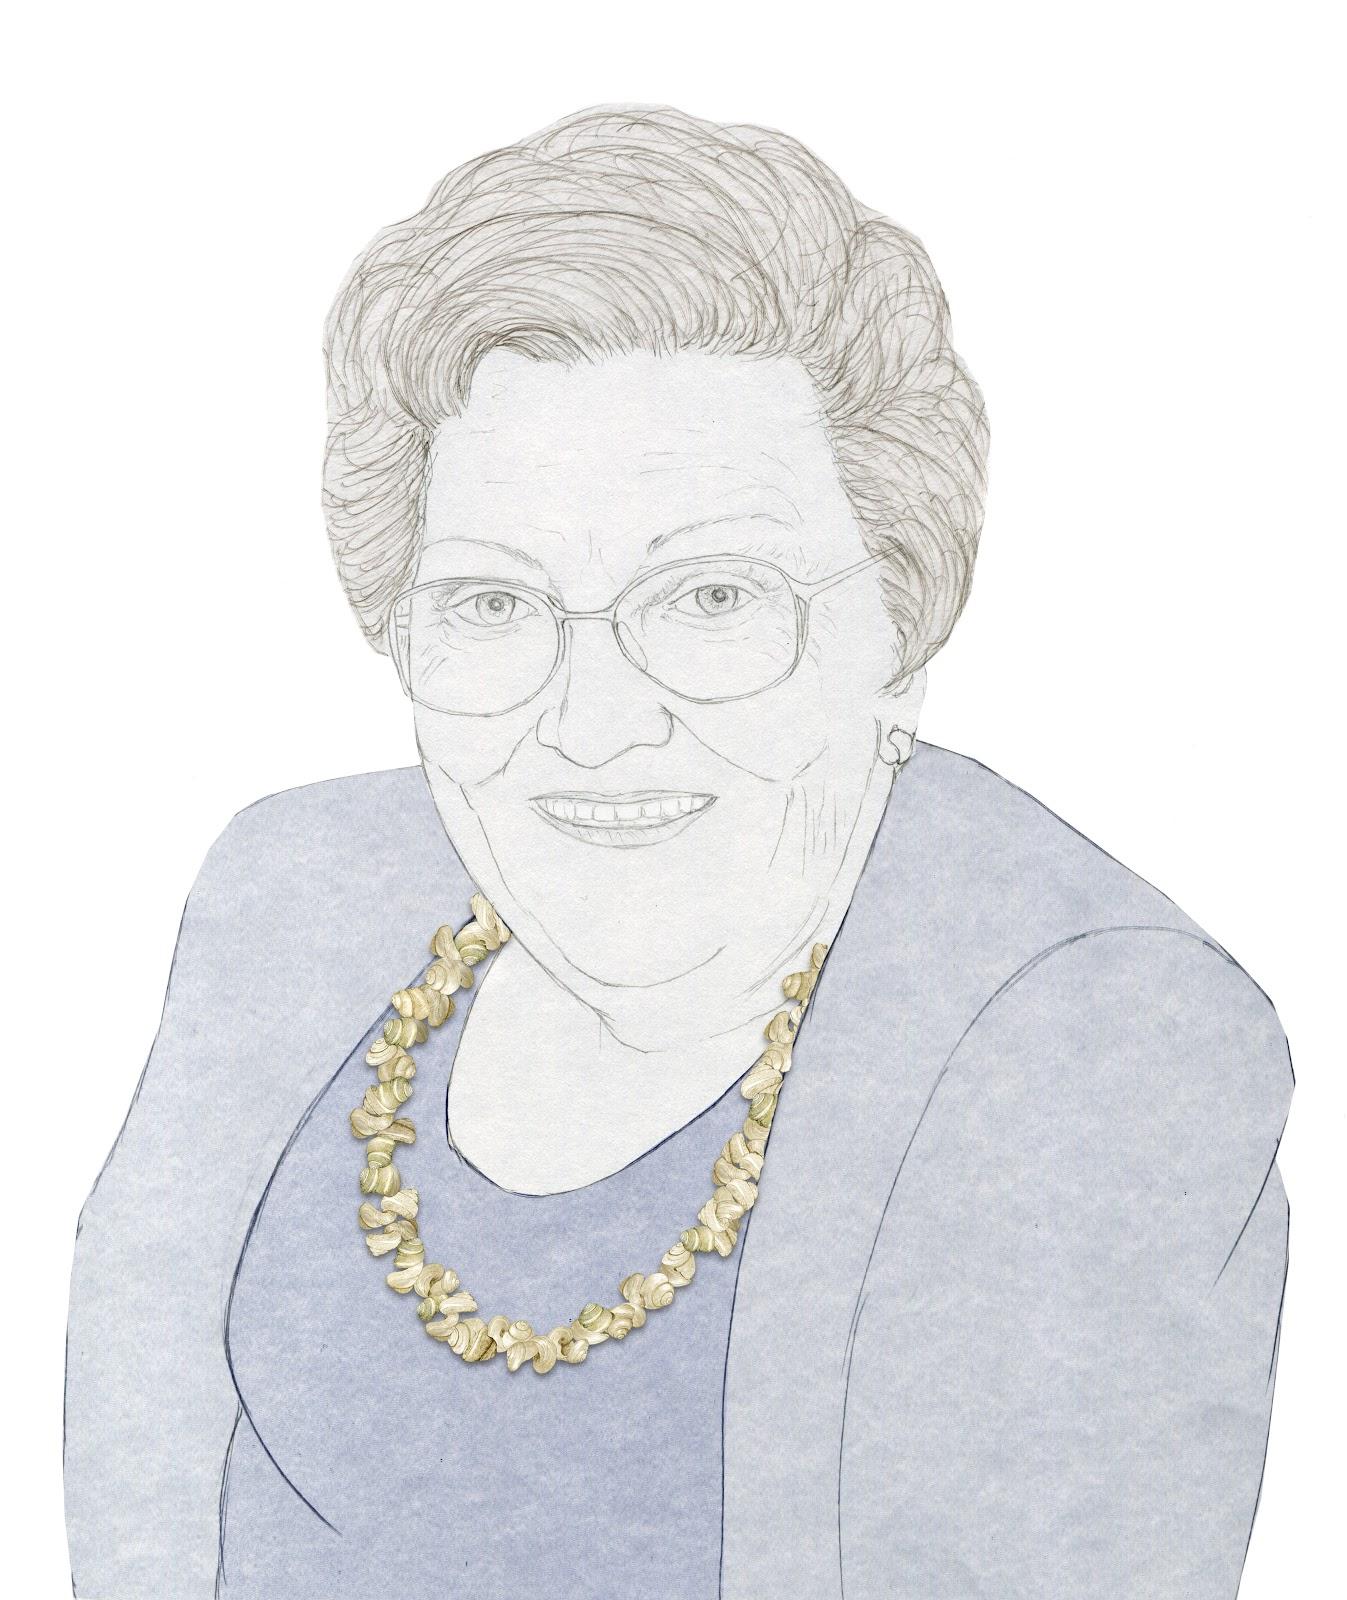 el collar de caracolas, dibujao Dara Reig